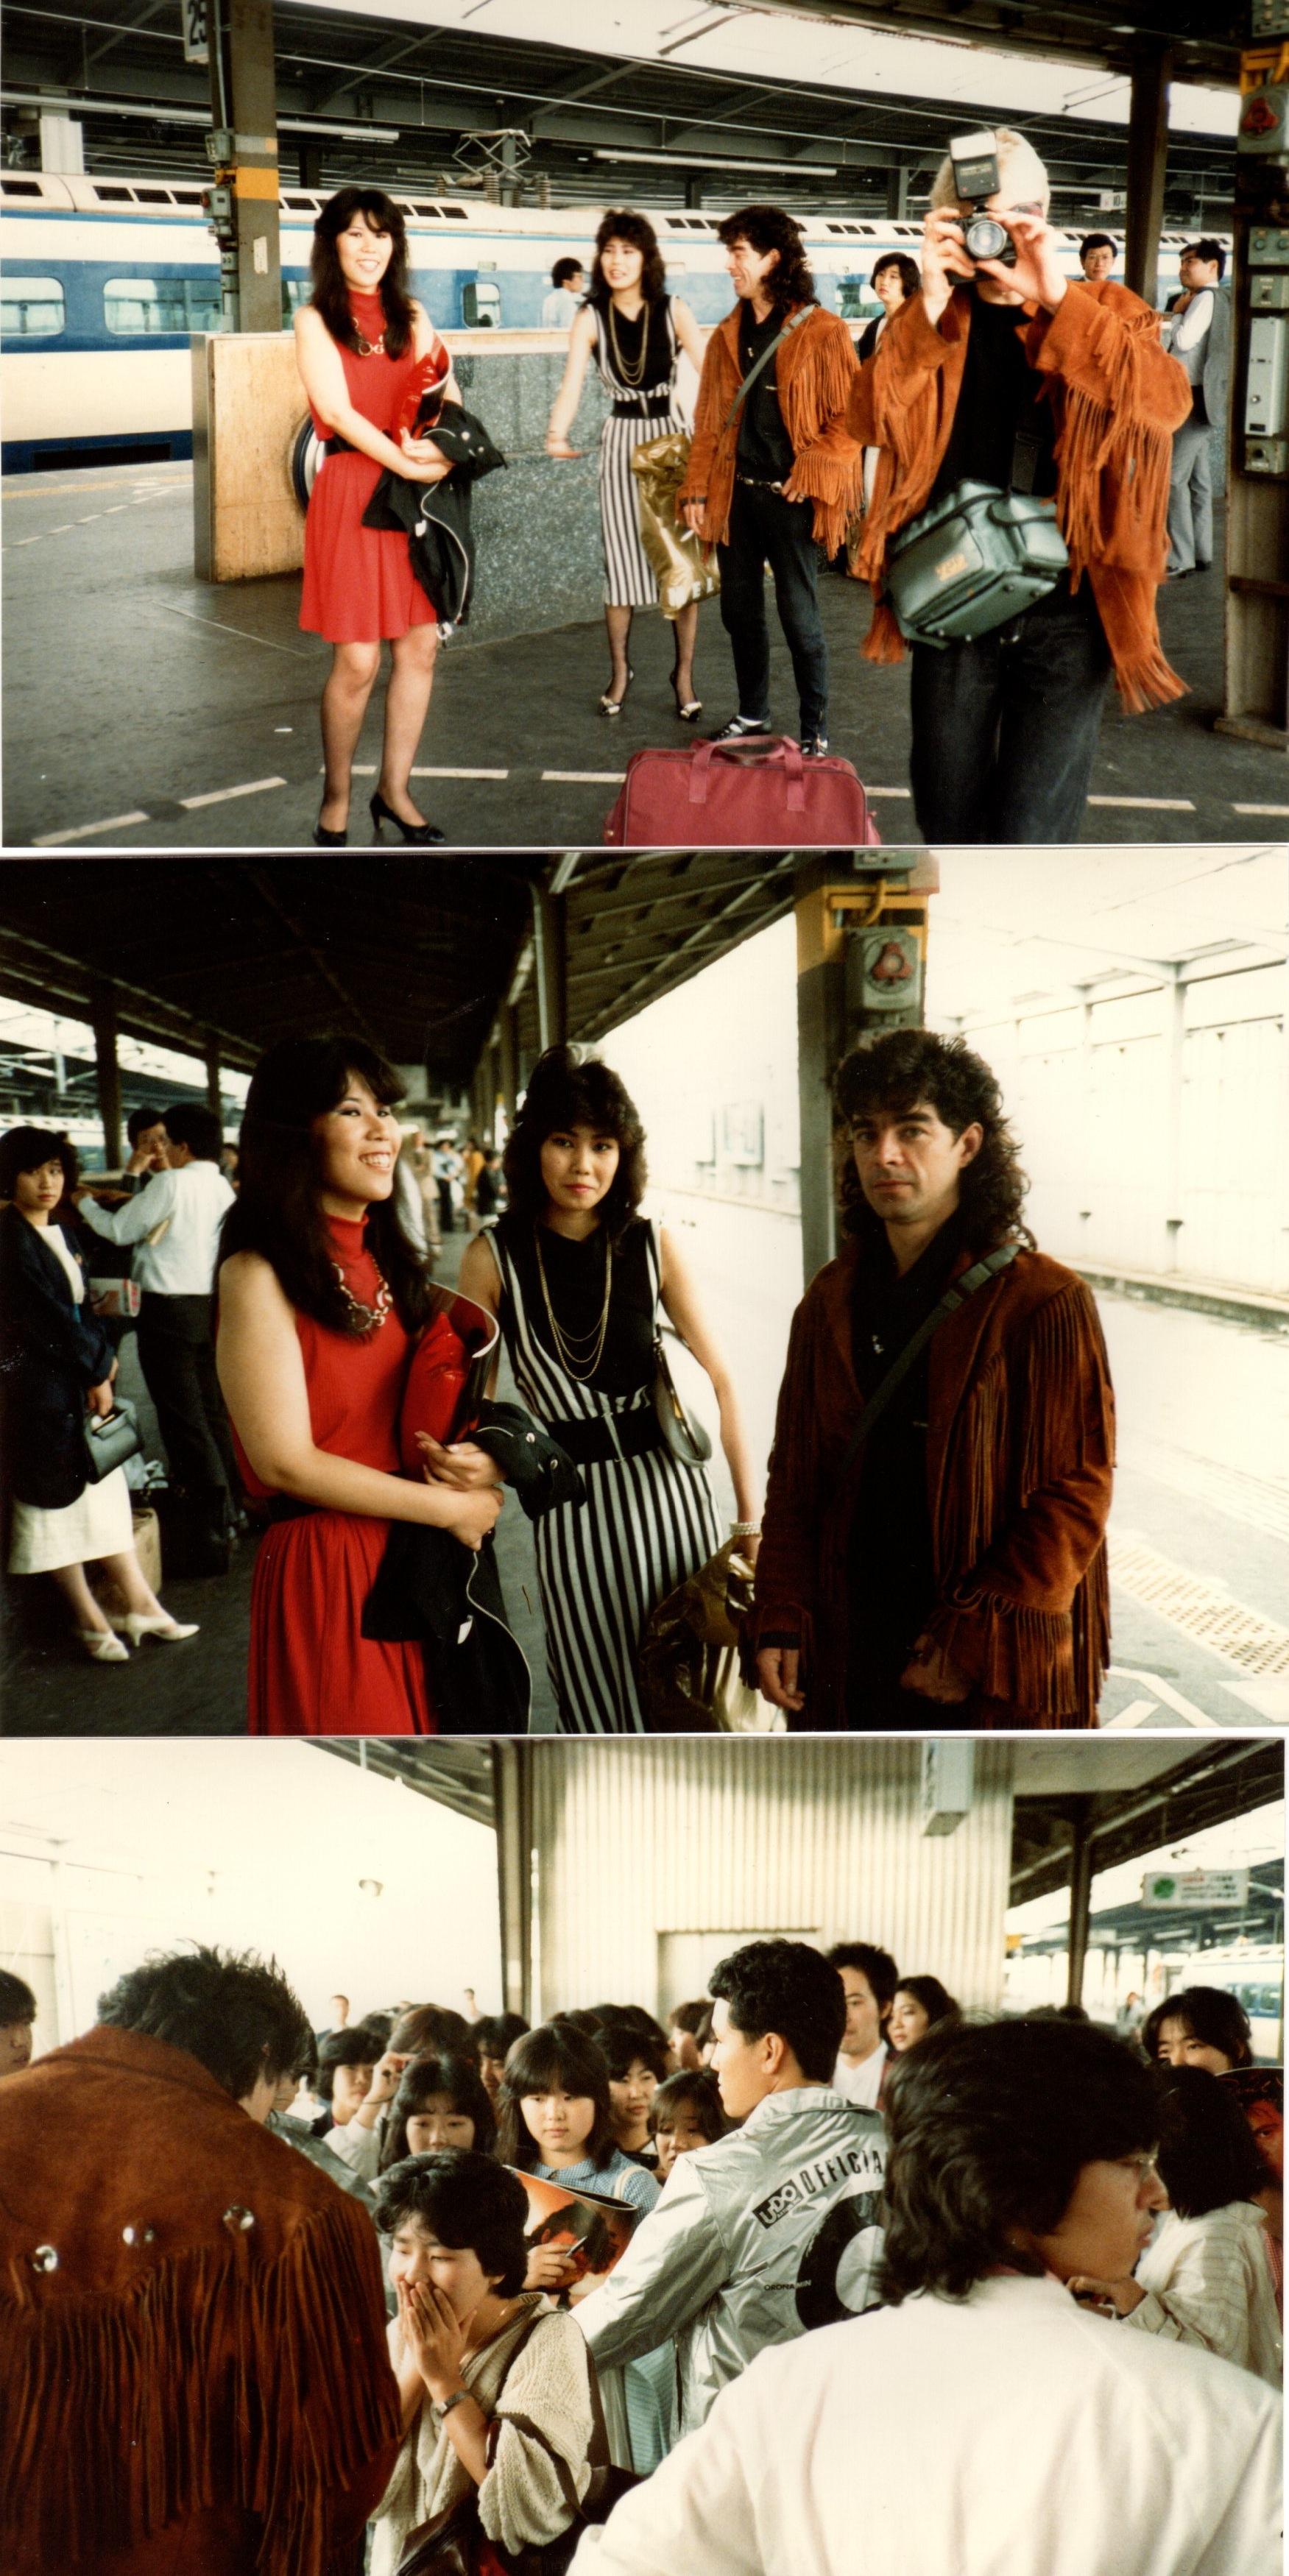 Japanese train station 85